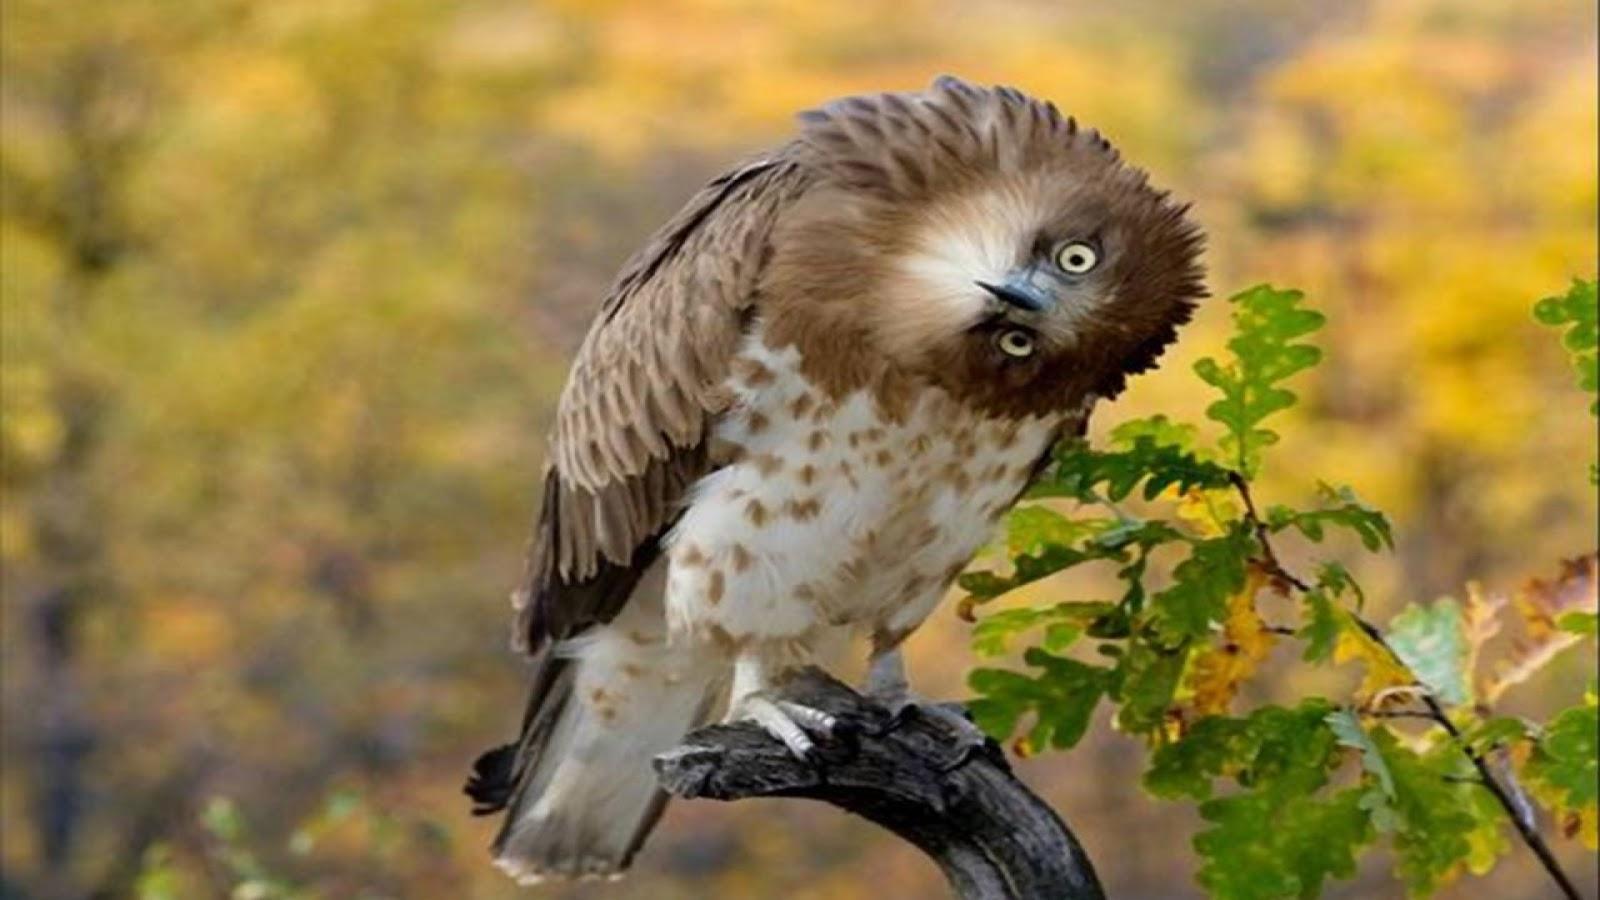 الطيور الجميلة البومة,الطيور,Beautiful bird,الطيور الجميلة, خلفيات طيور, خلفيات, 8K خلفيات,